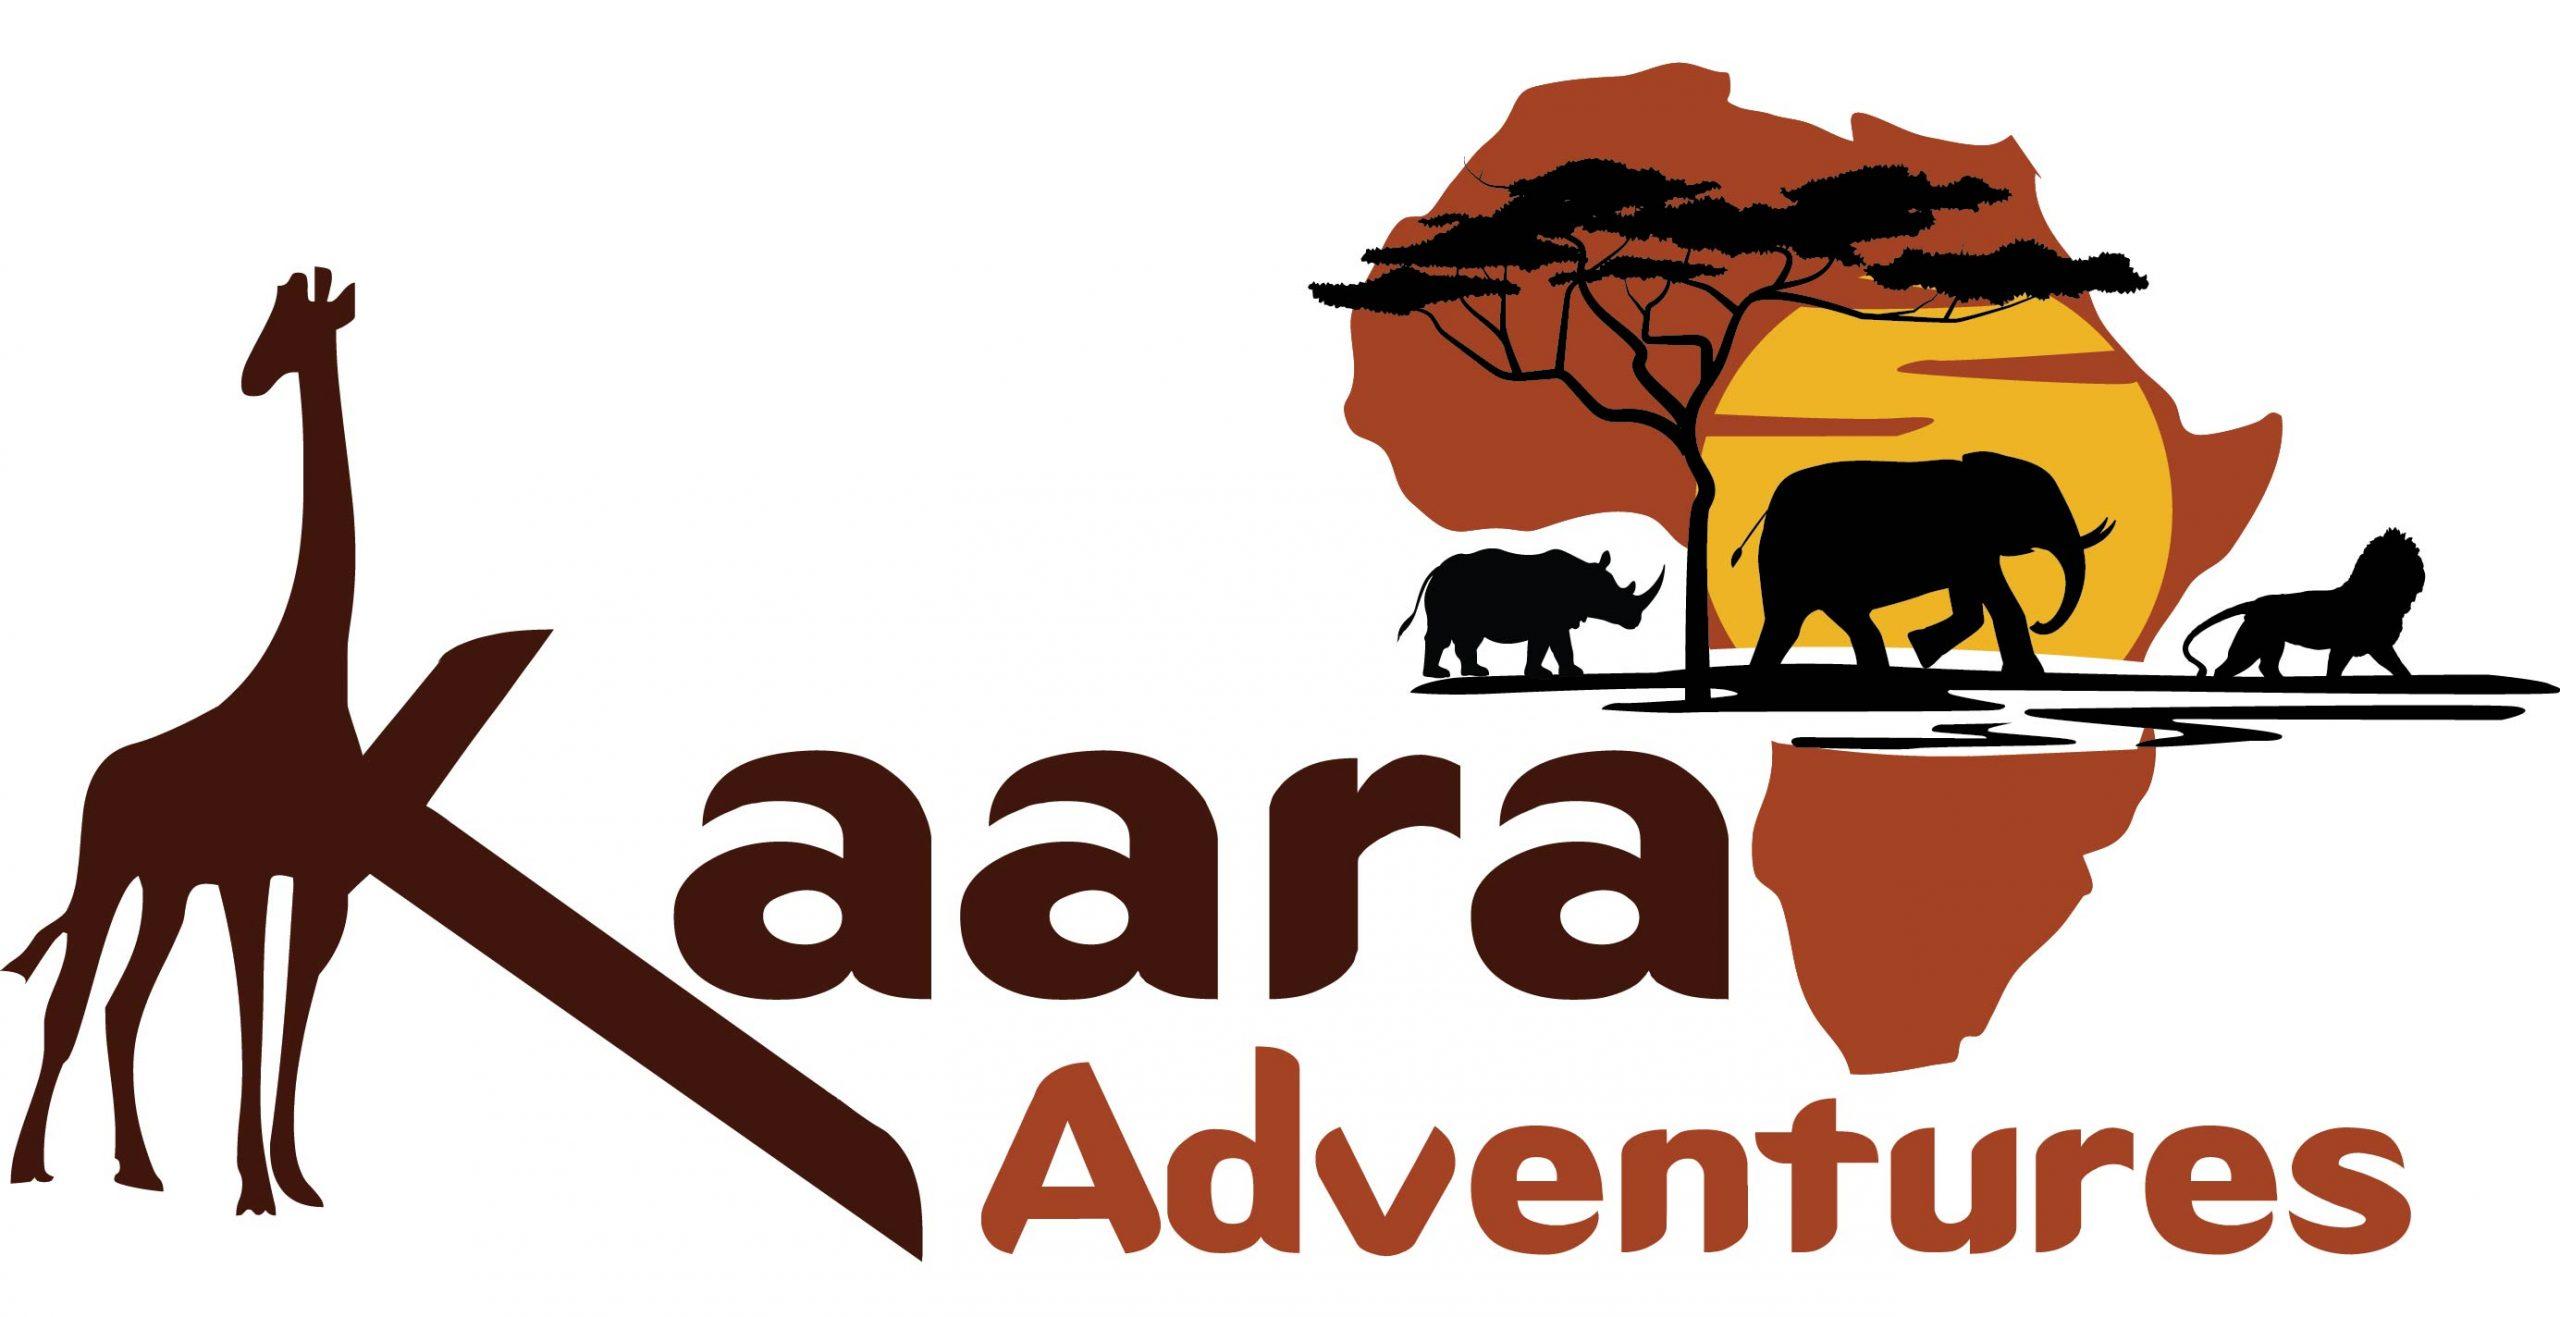 Kaara Adventures